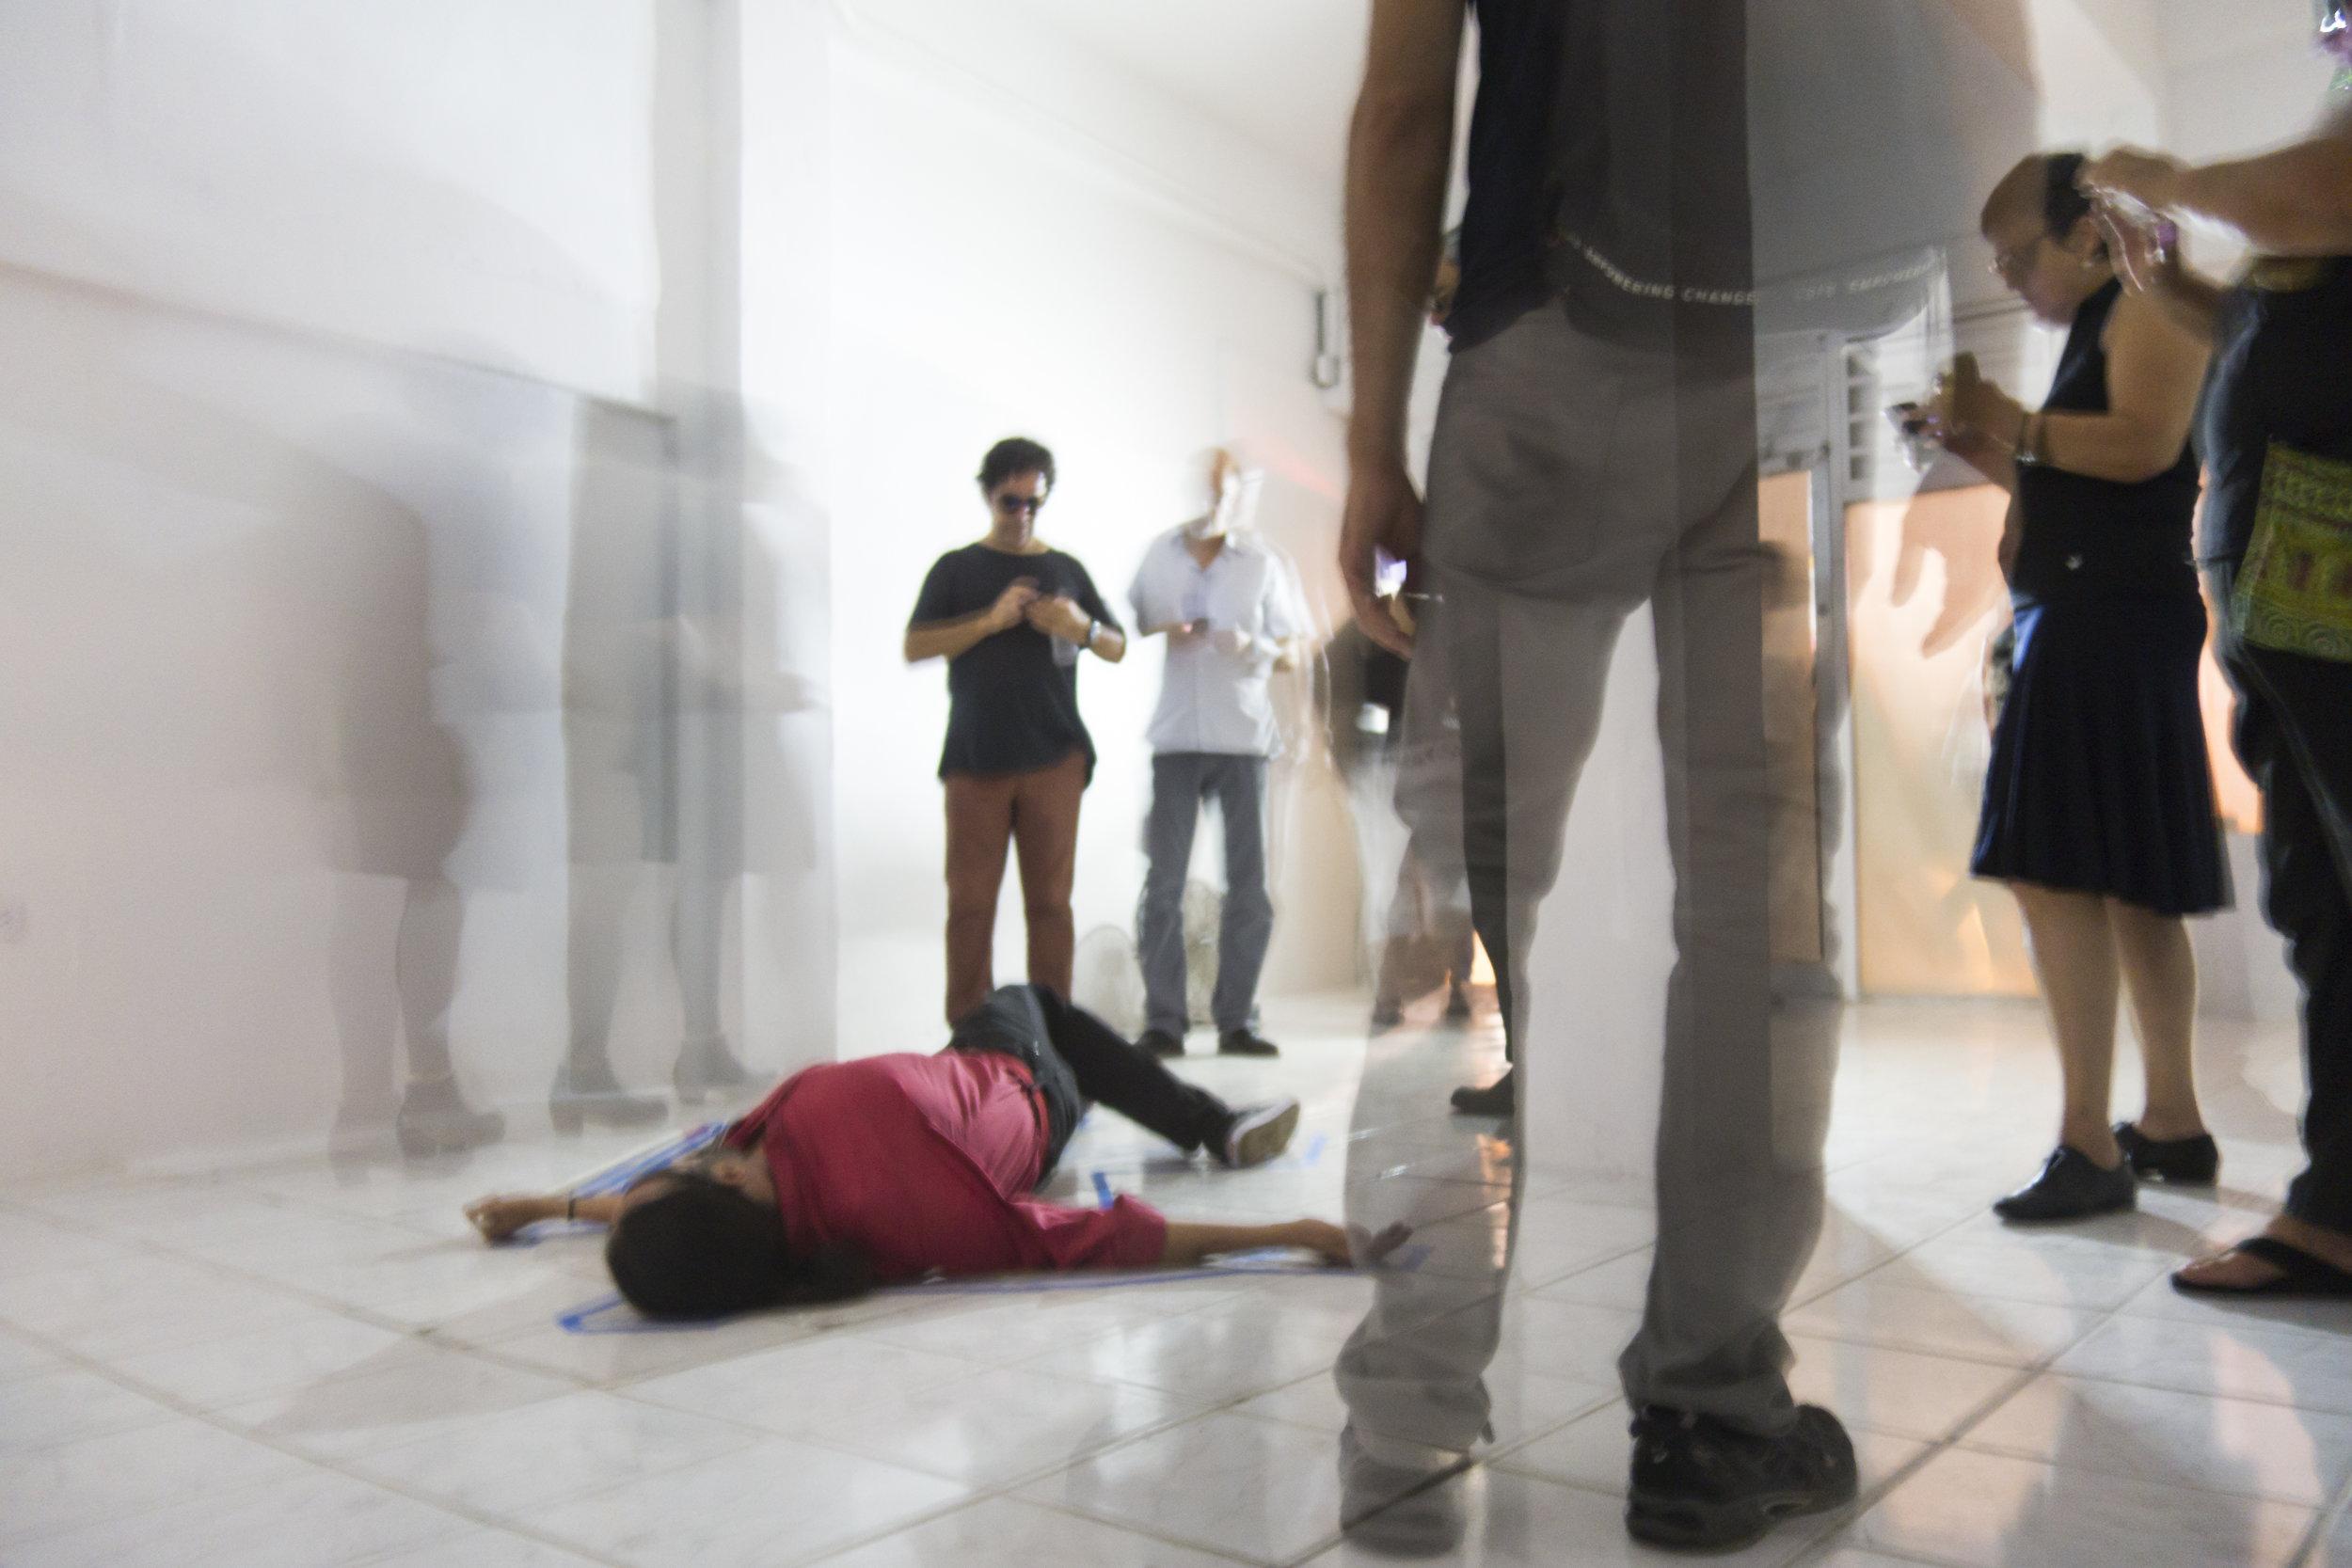 Punto Ciego, 2016 / Documentación de happening